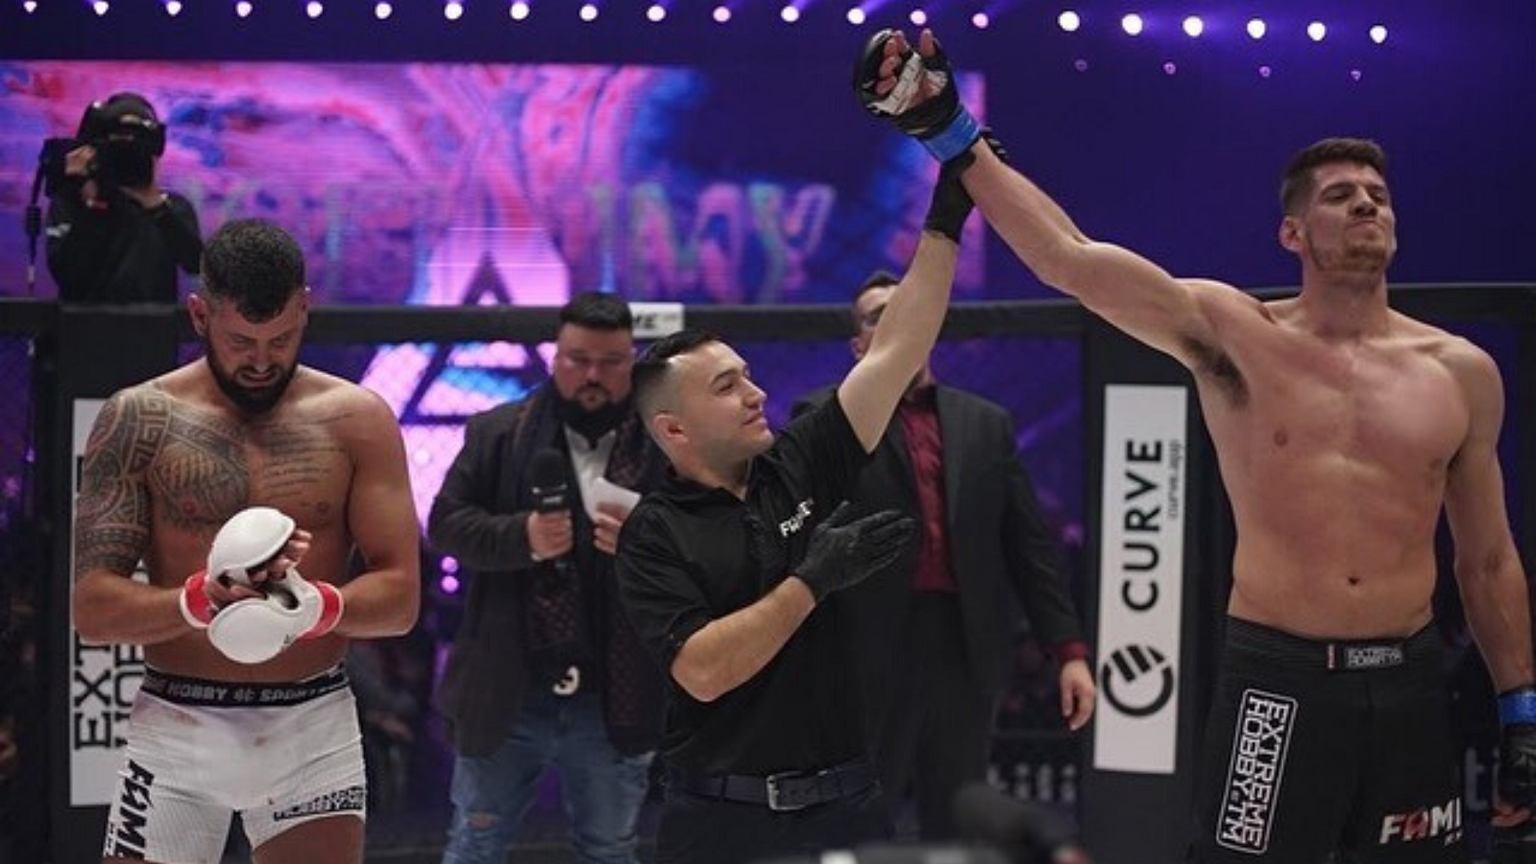 Wojtek Gola przegrał walkę w 2. rundzie podczas gali FAME MMA UK. Padł po gradzie ciosów. Polała się krew